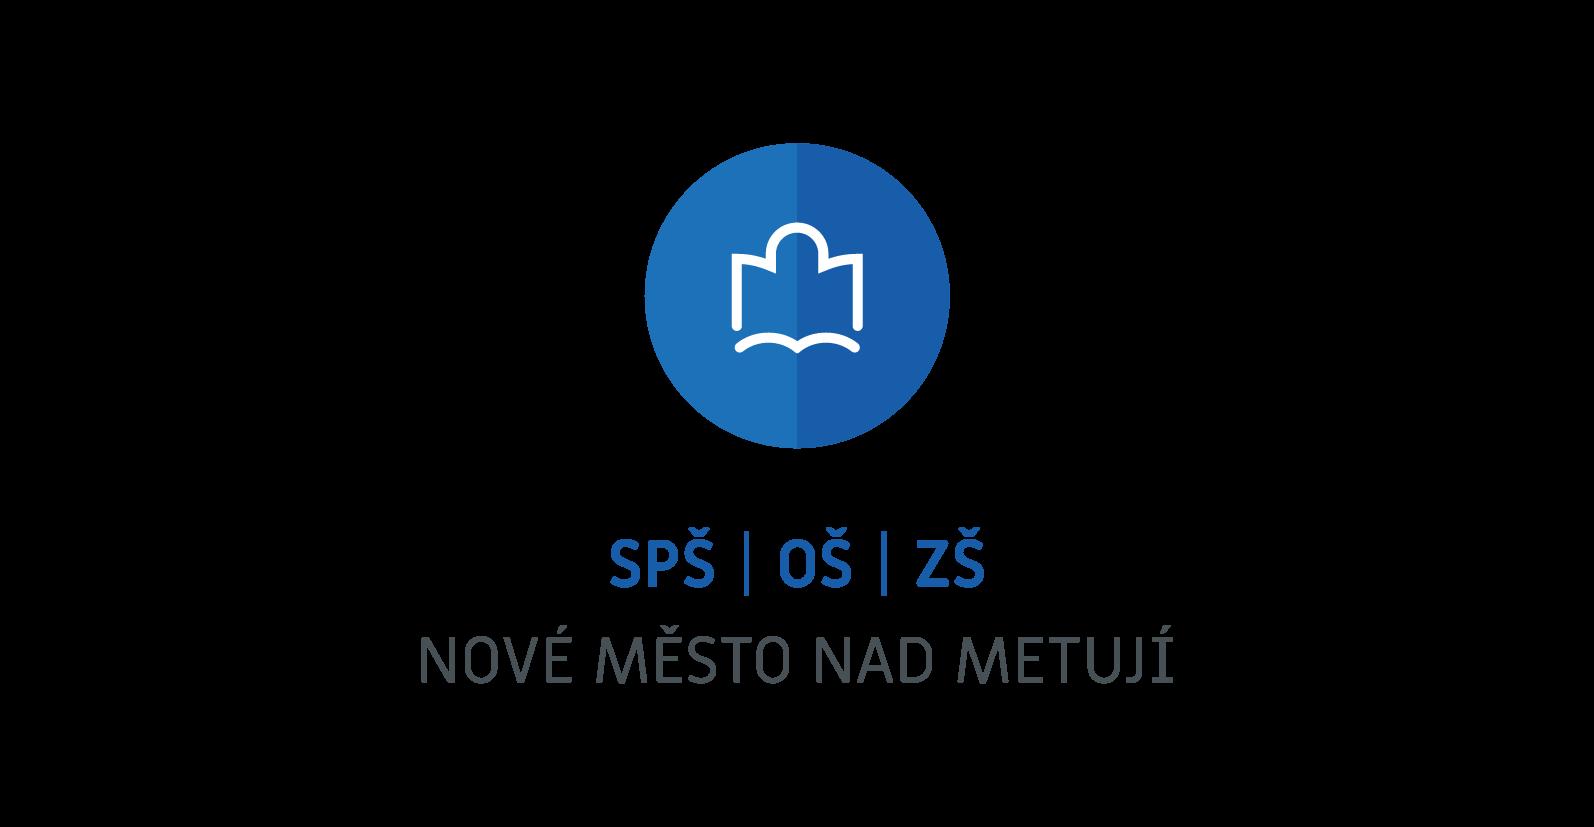 Střední průmyslová škola, Odborná škola a Základní škola logo